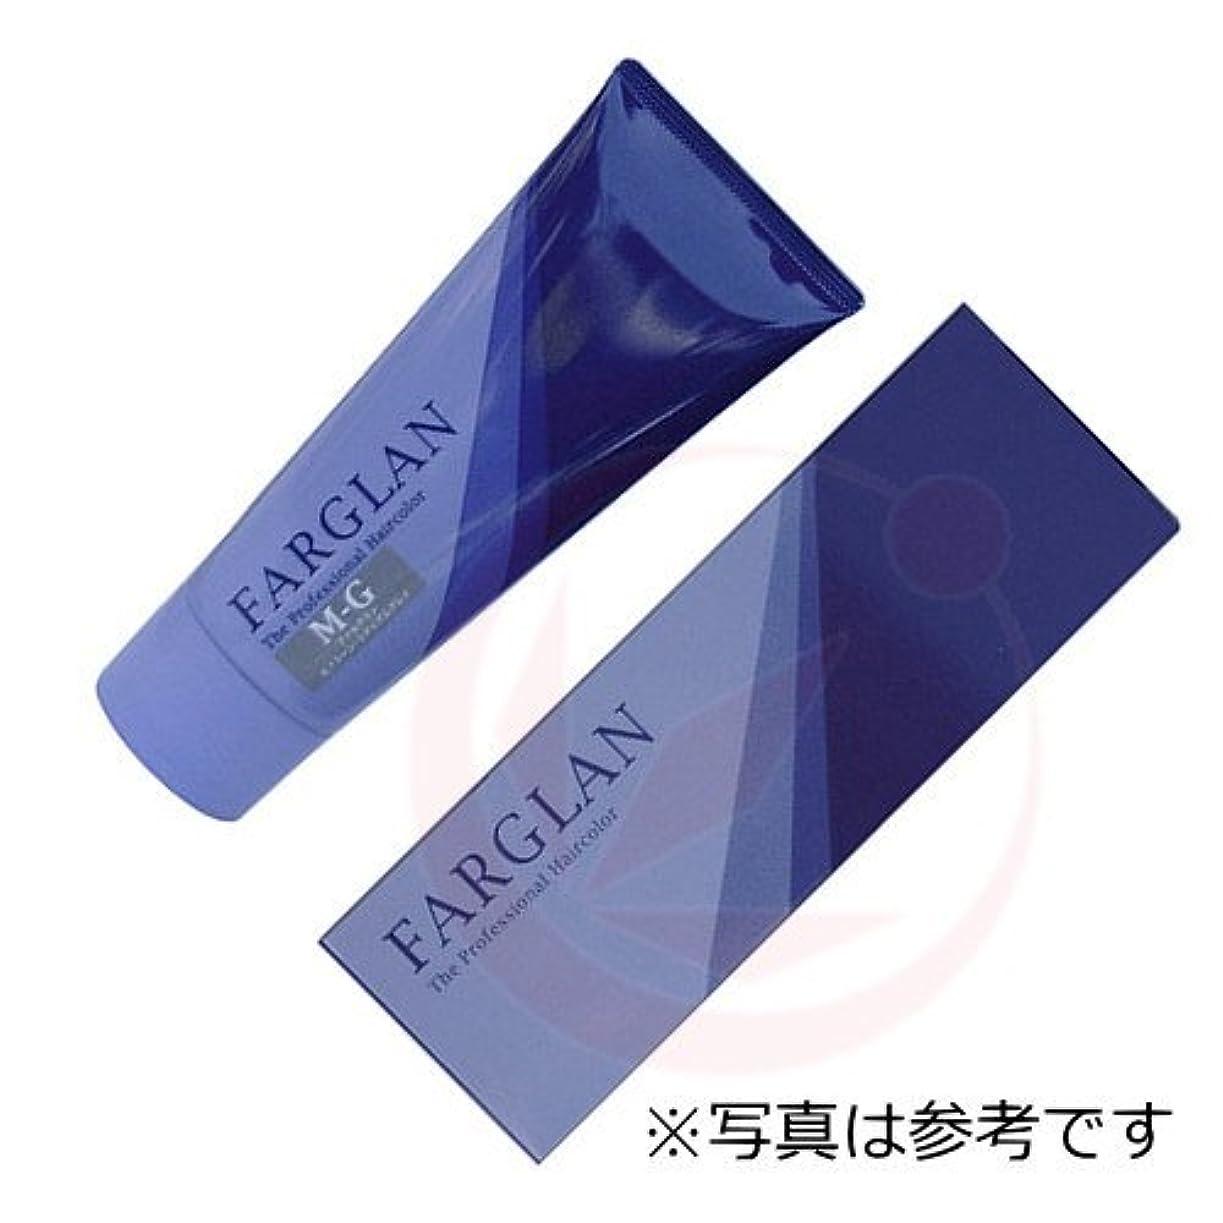 ミルボン ファルグラン ペールライン 160g (ヘアマニキュア) 【ペールアッシュ】P-A